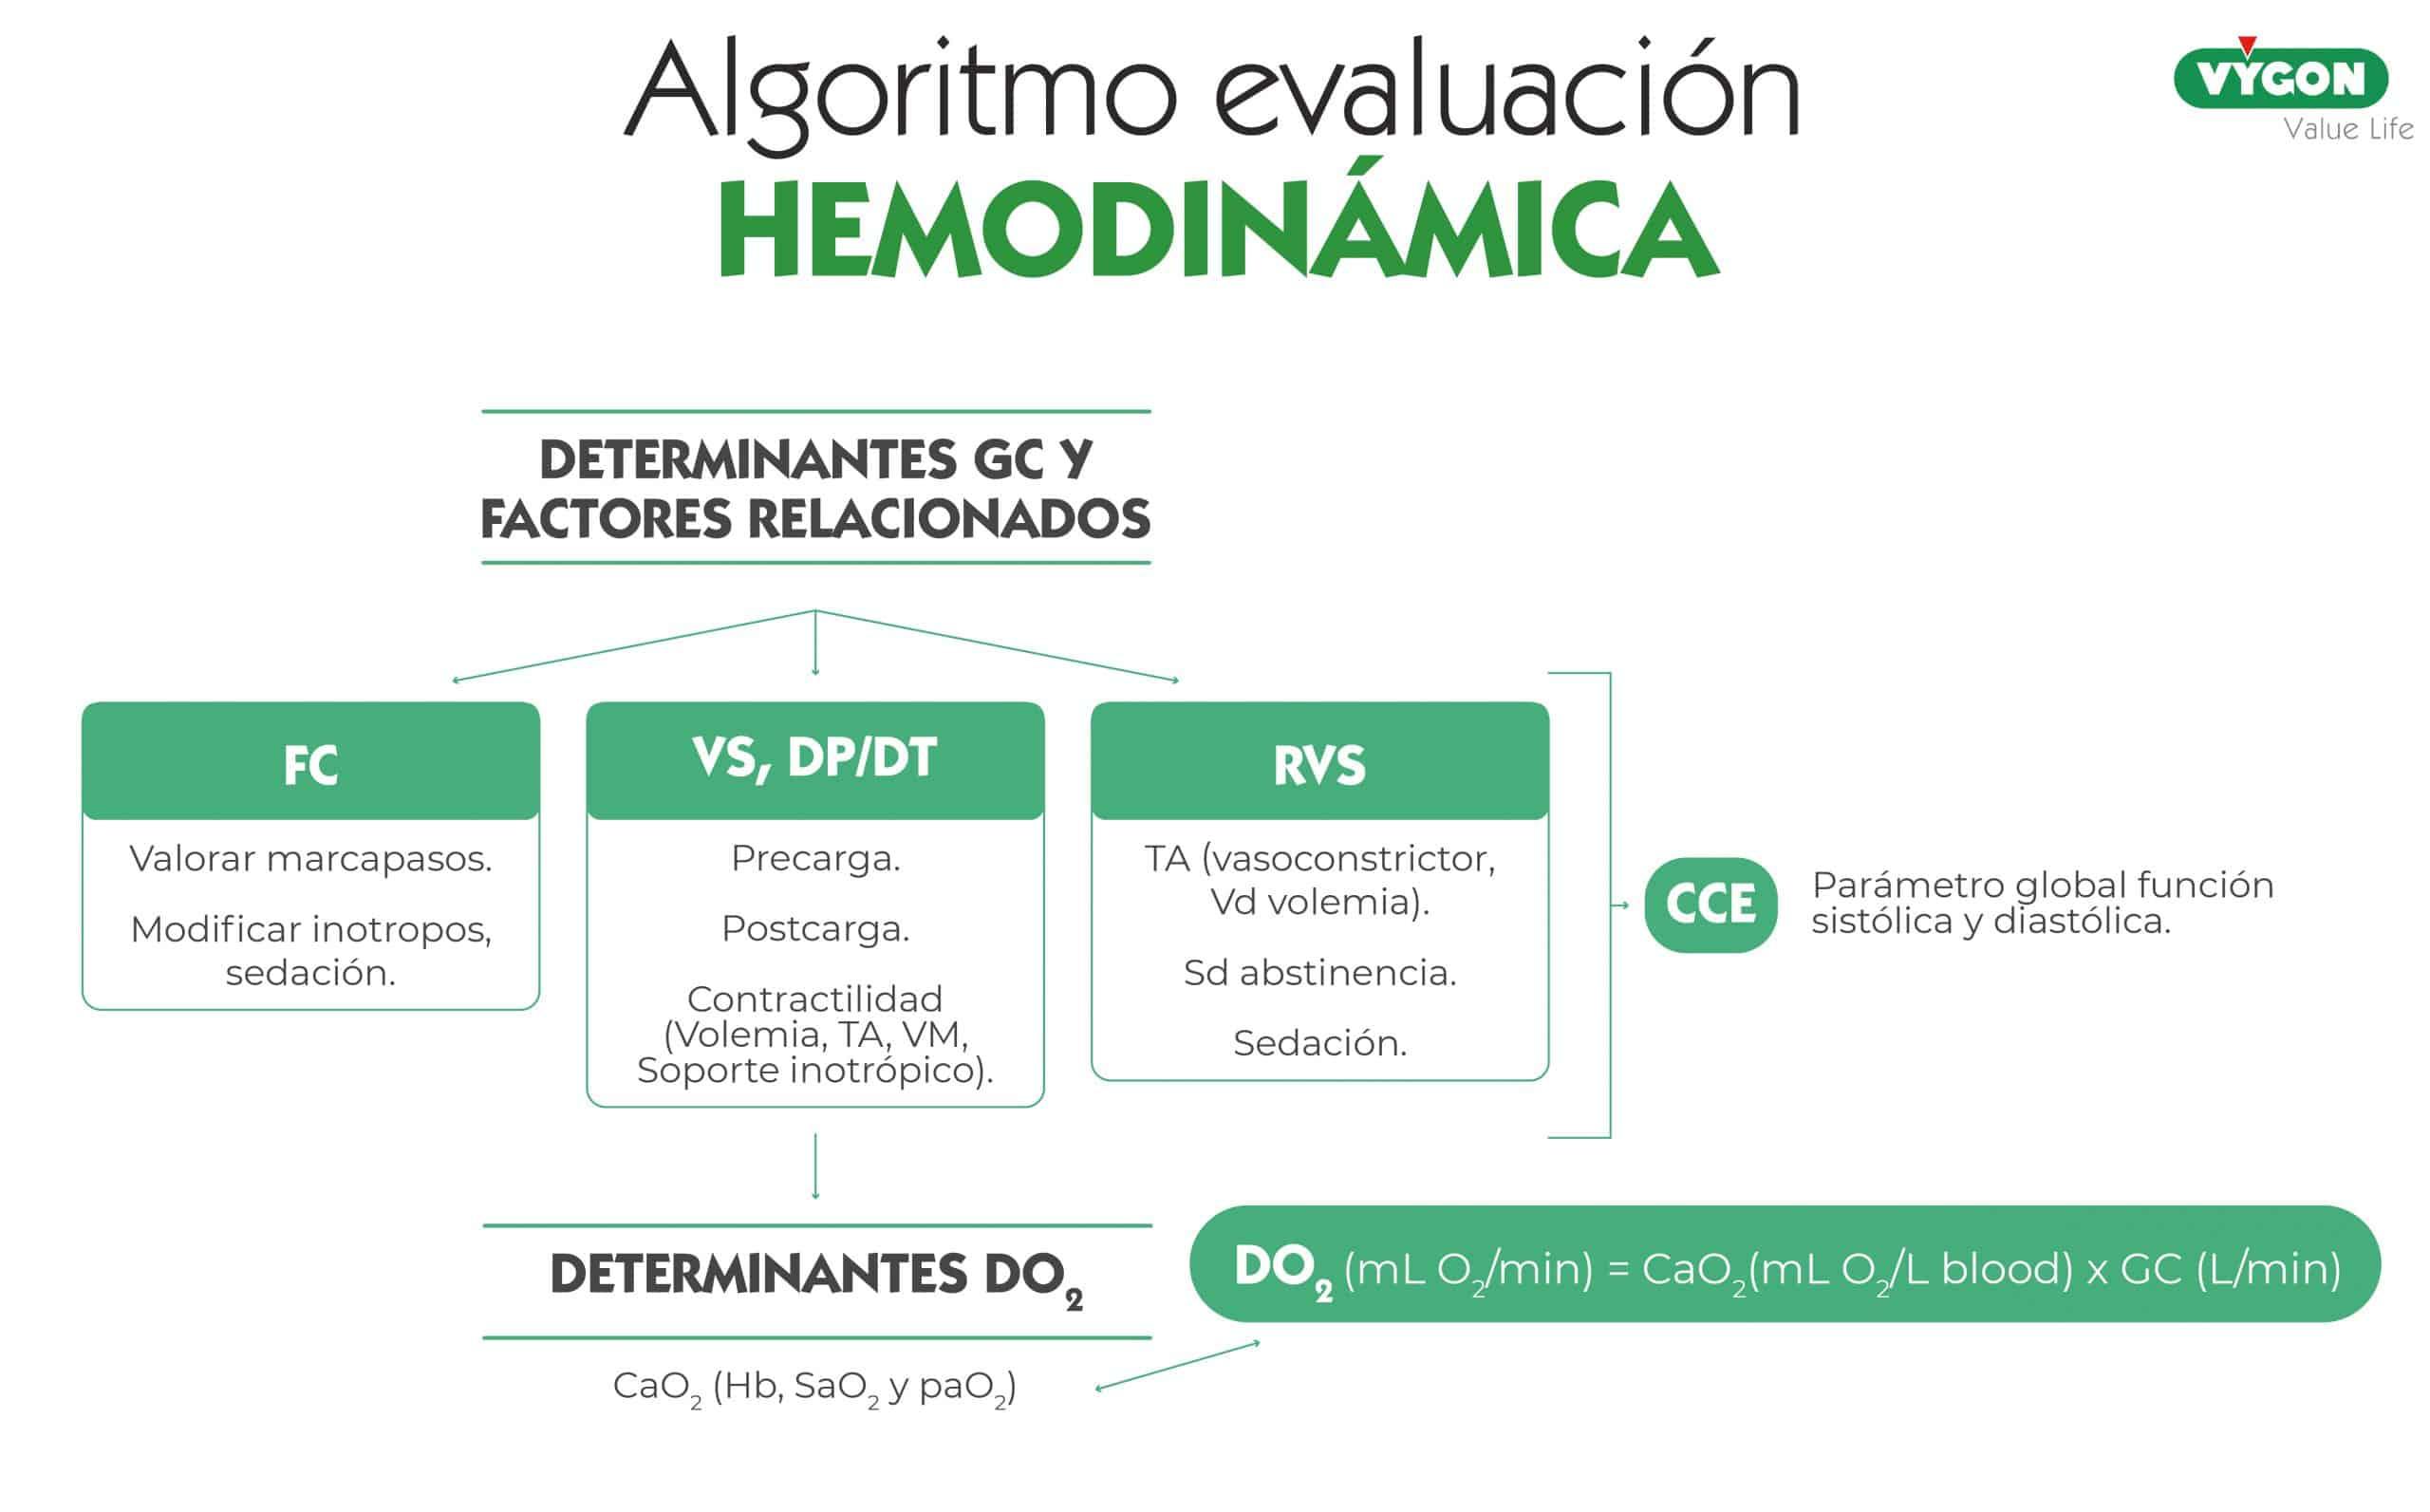 algoritmo evaluación hemodinámica